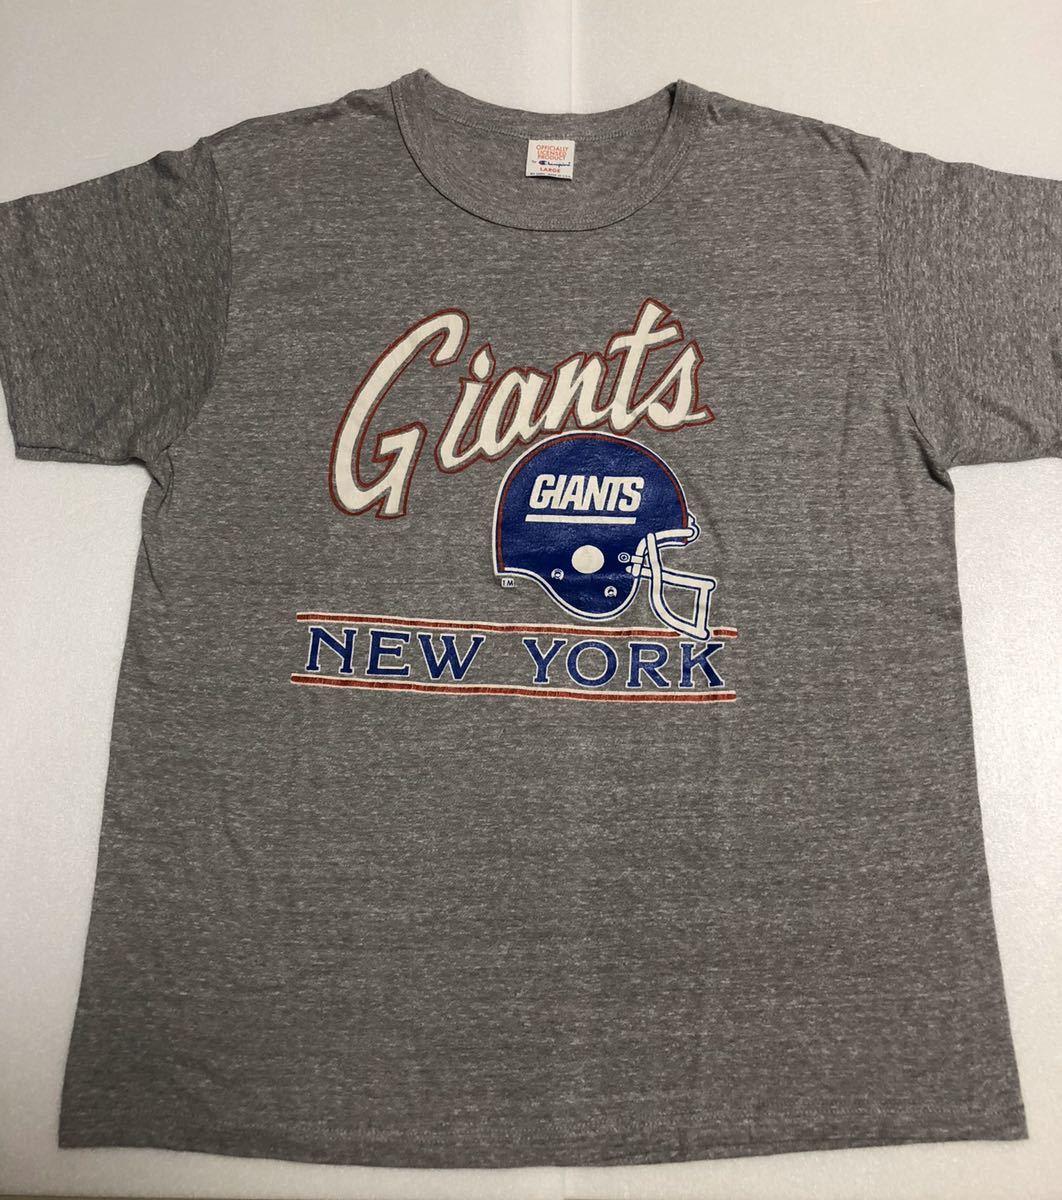 美品! 80s~ USA製 champion チャンピオン ビンテージ tシャツ オフィシャルTシャツ グレー L NFL ニューヨークジャイアンツ 90s トリコタグ_画像1